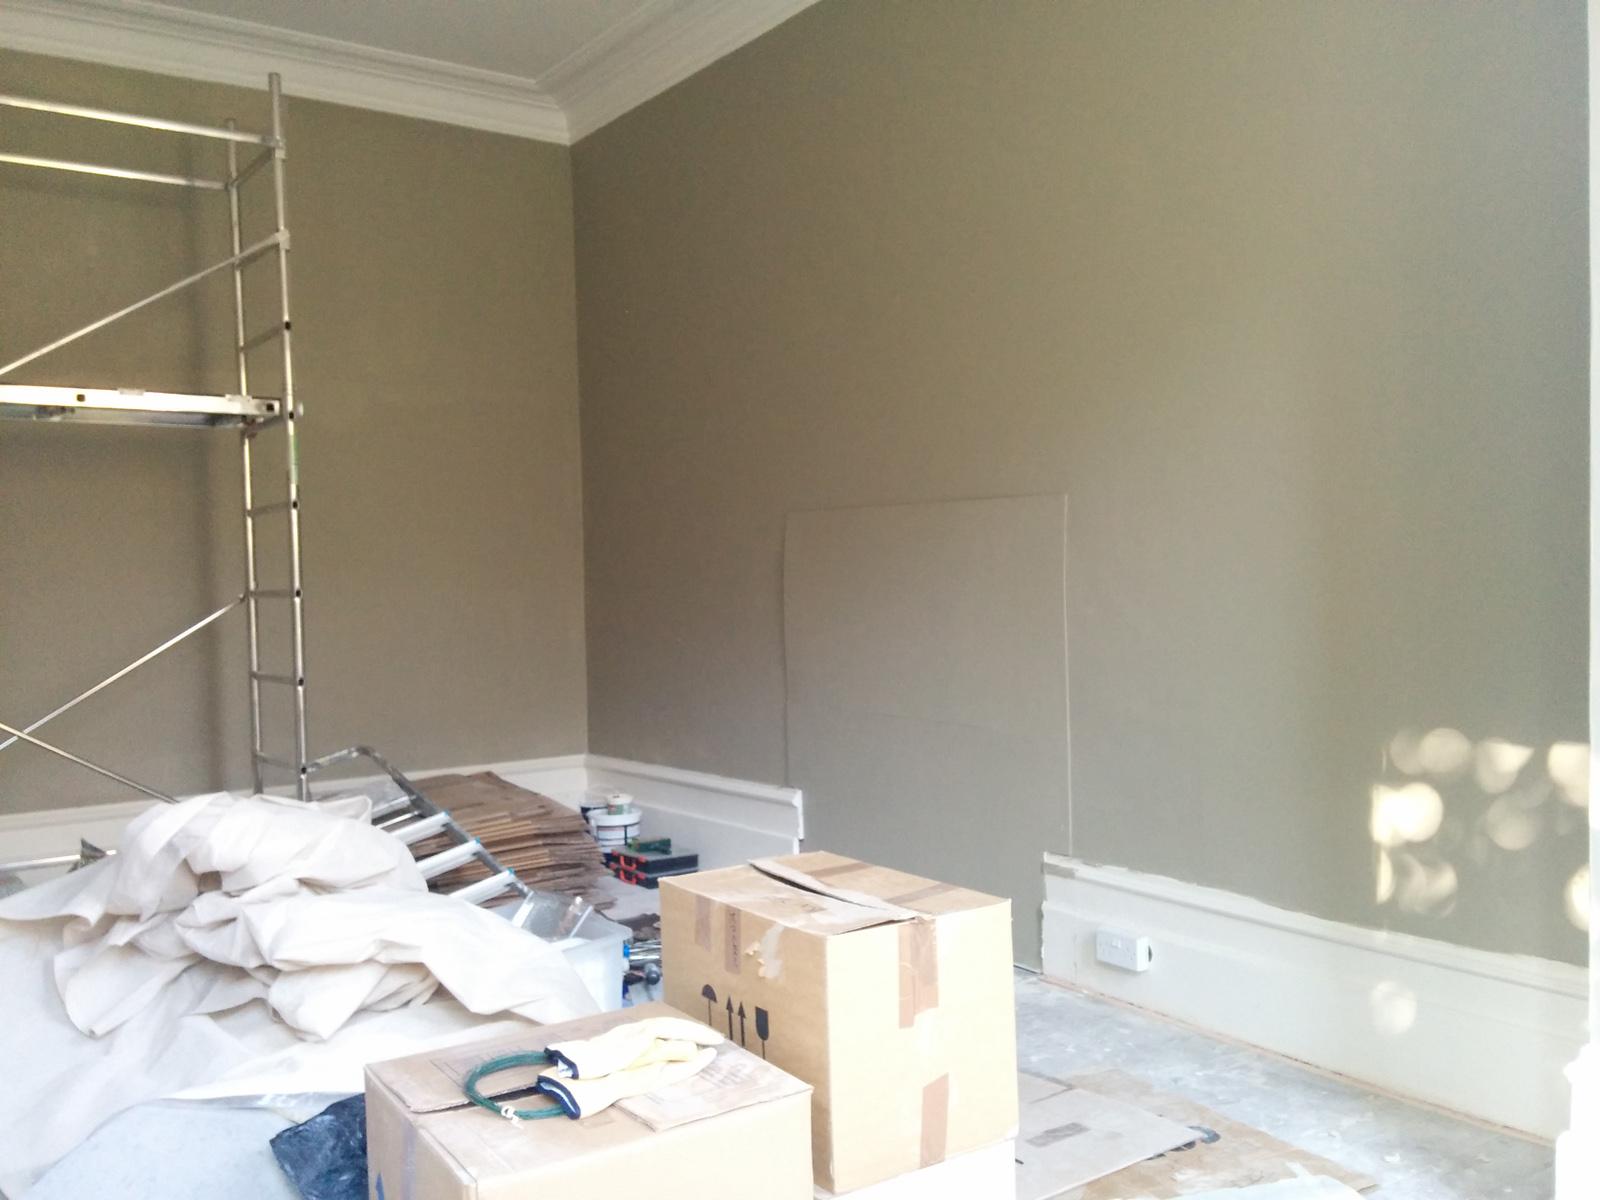 Living room, Farrow & Ball Light Grey walls